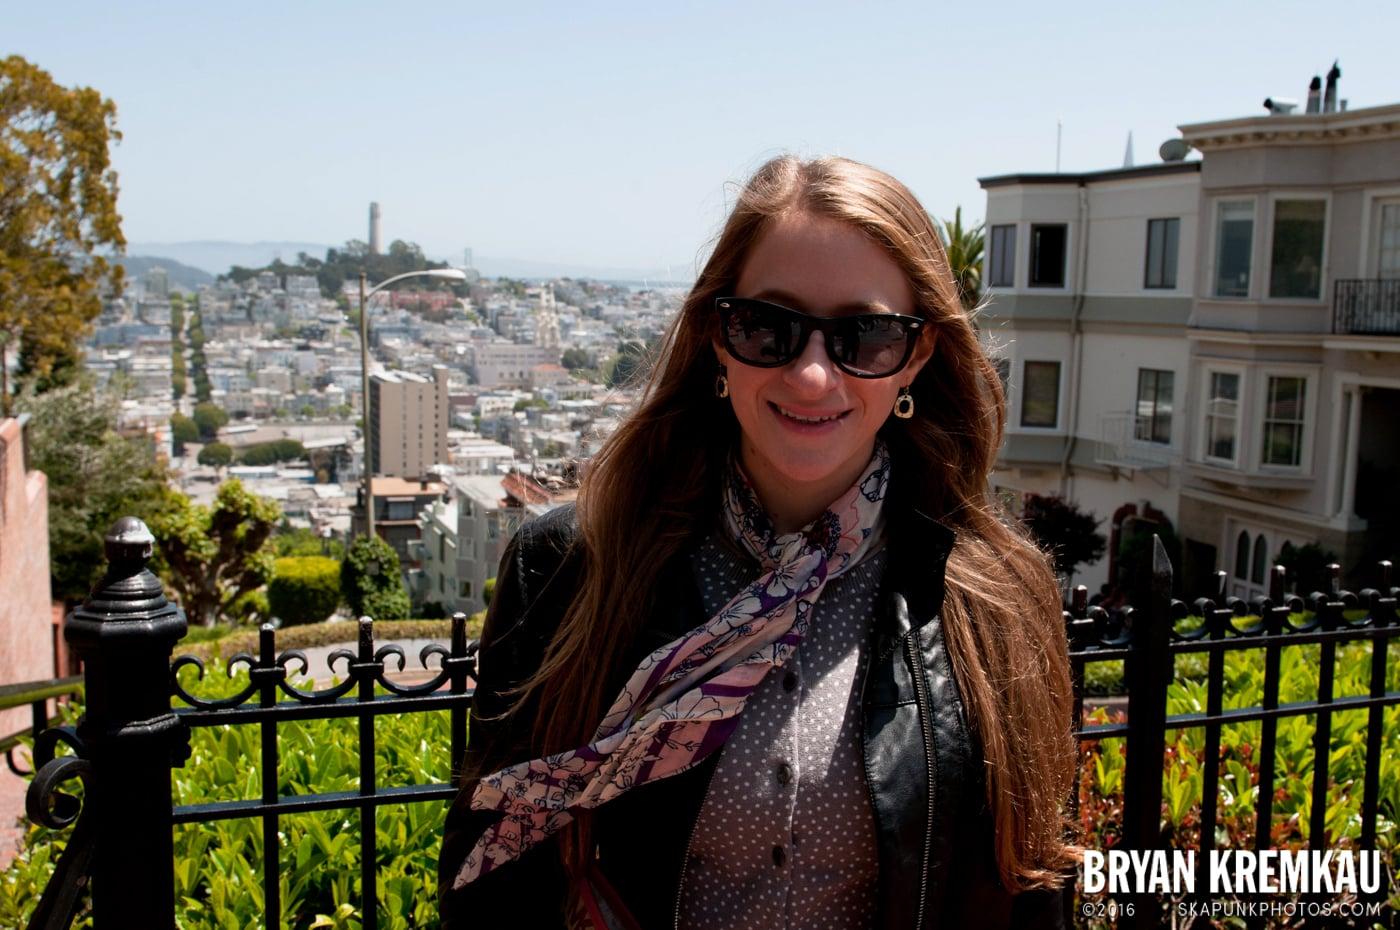 San Francisco Vacation - Day 2 - 4.29.12 (20)